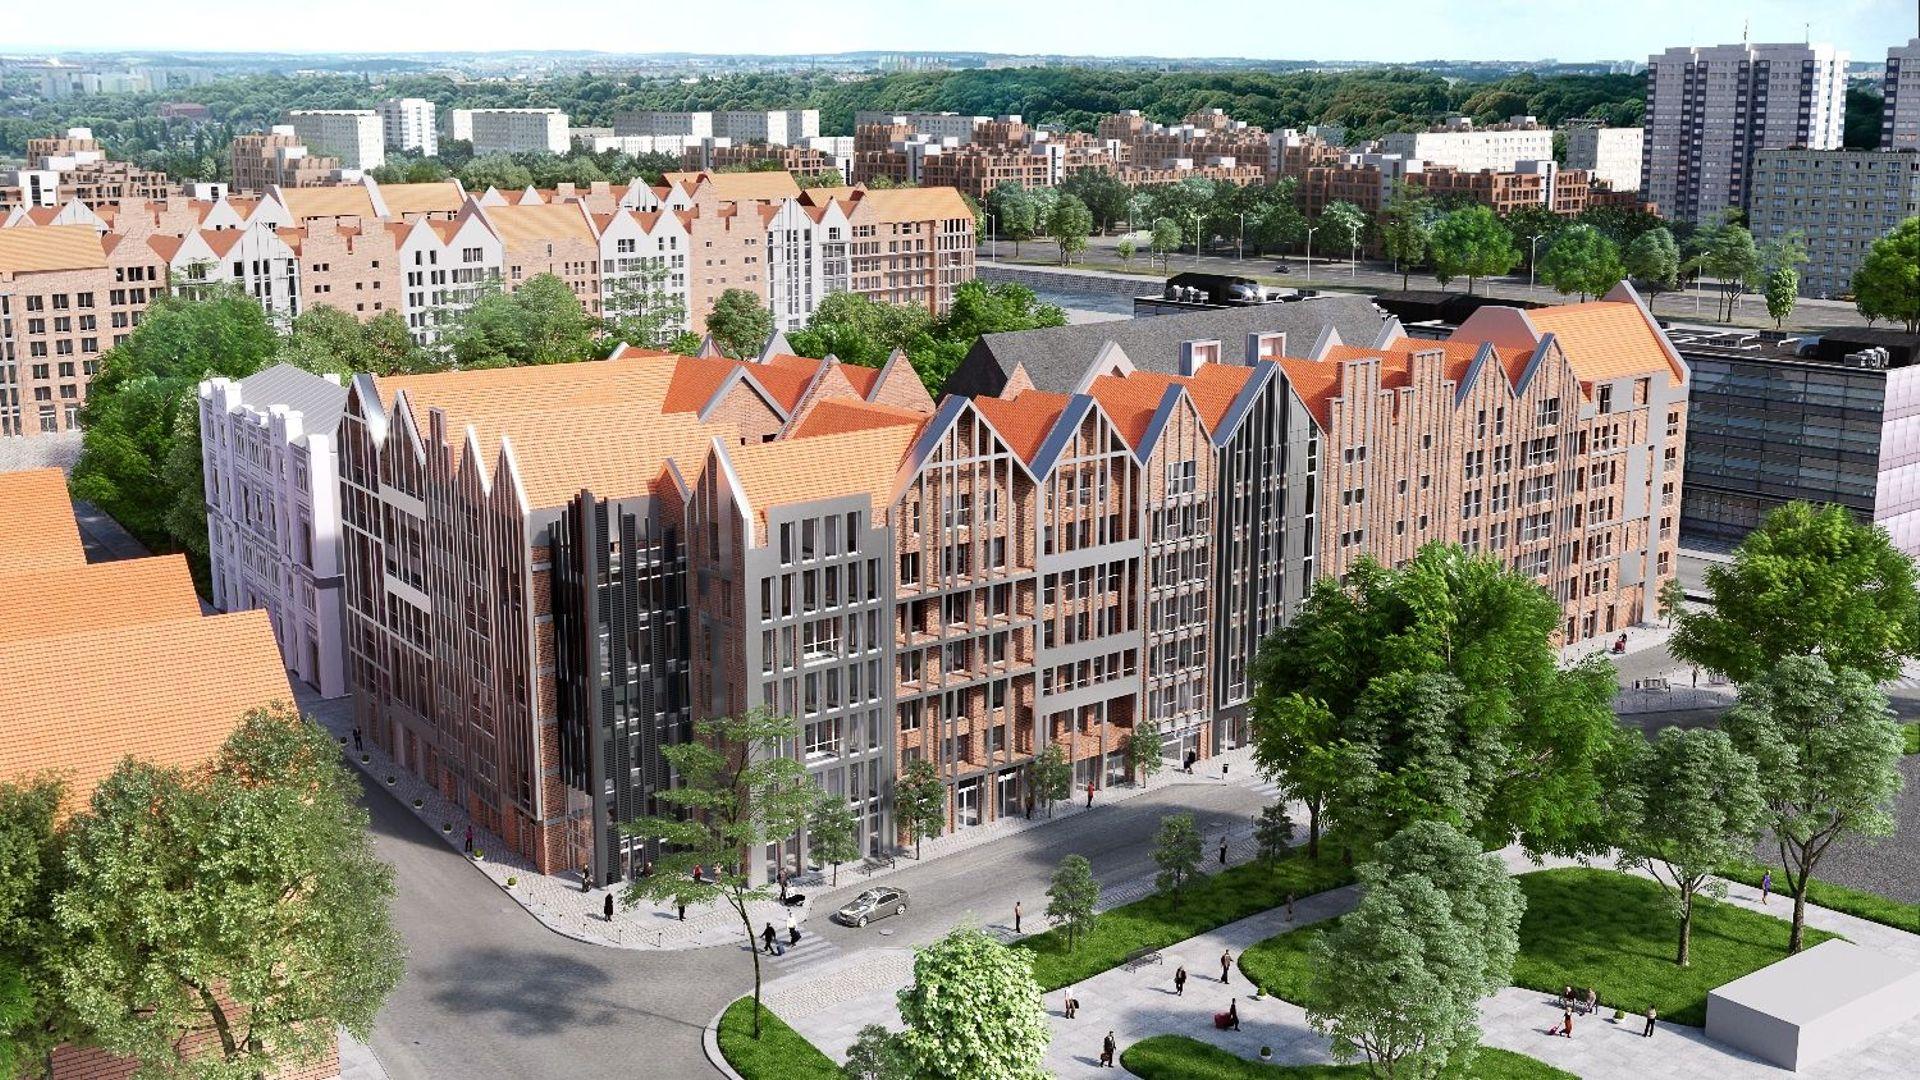 [Gdańsk] Grano Residence wpisuje się w architekturę Wyspy Spichrzów w Gdańsku